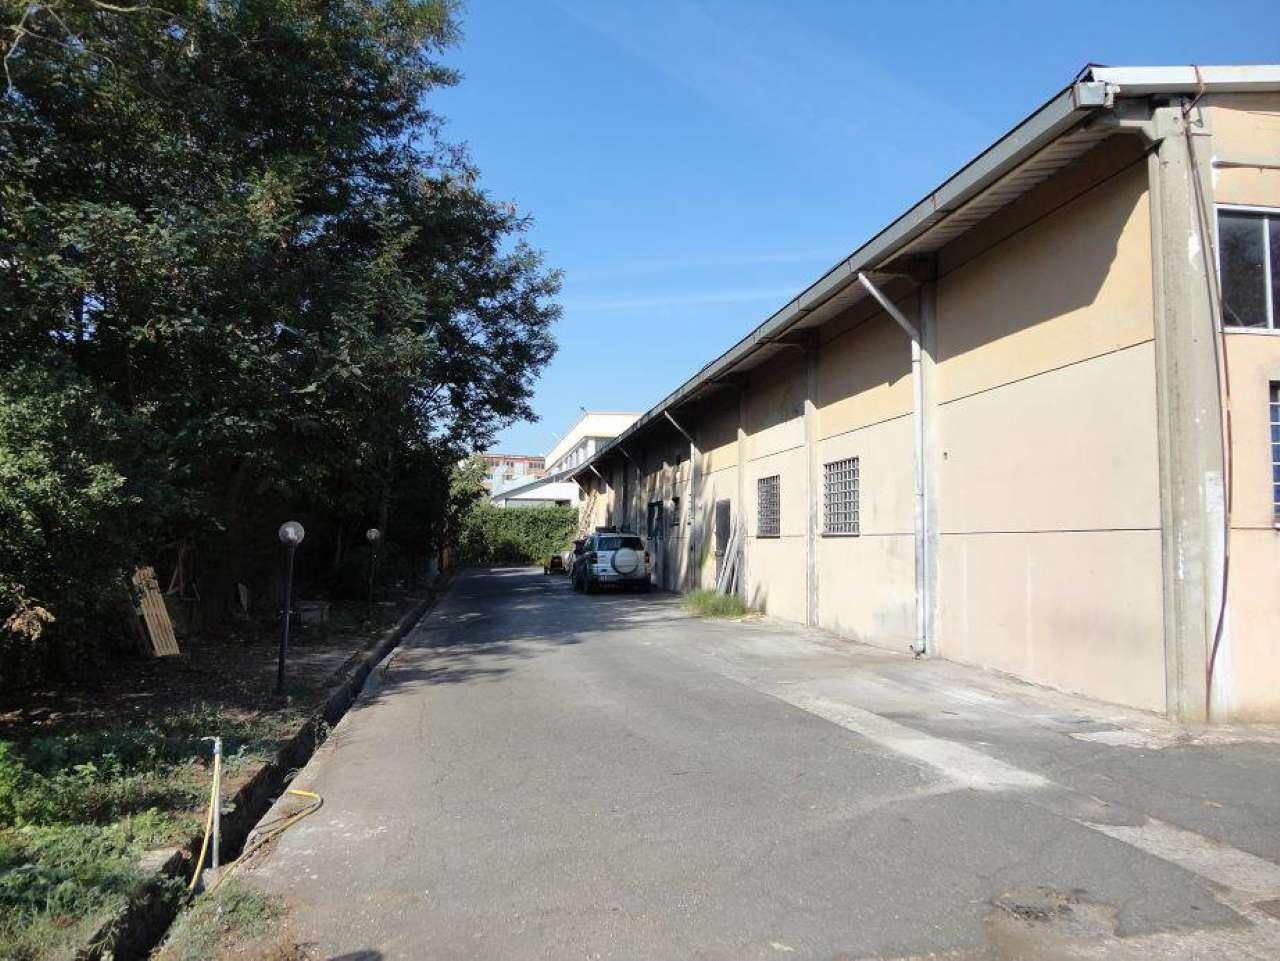 Magazzino in affitto a Pomezia, 1 locali, prezzo € 700 | CambioCasa.it